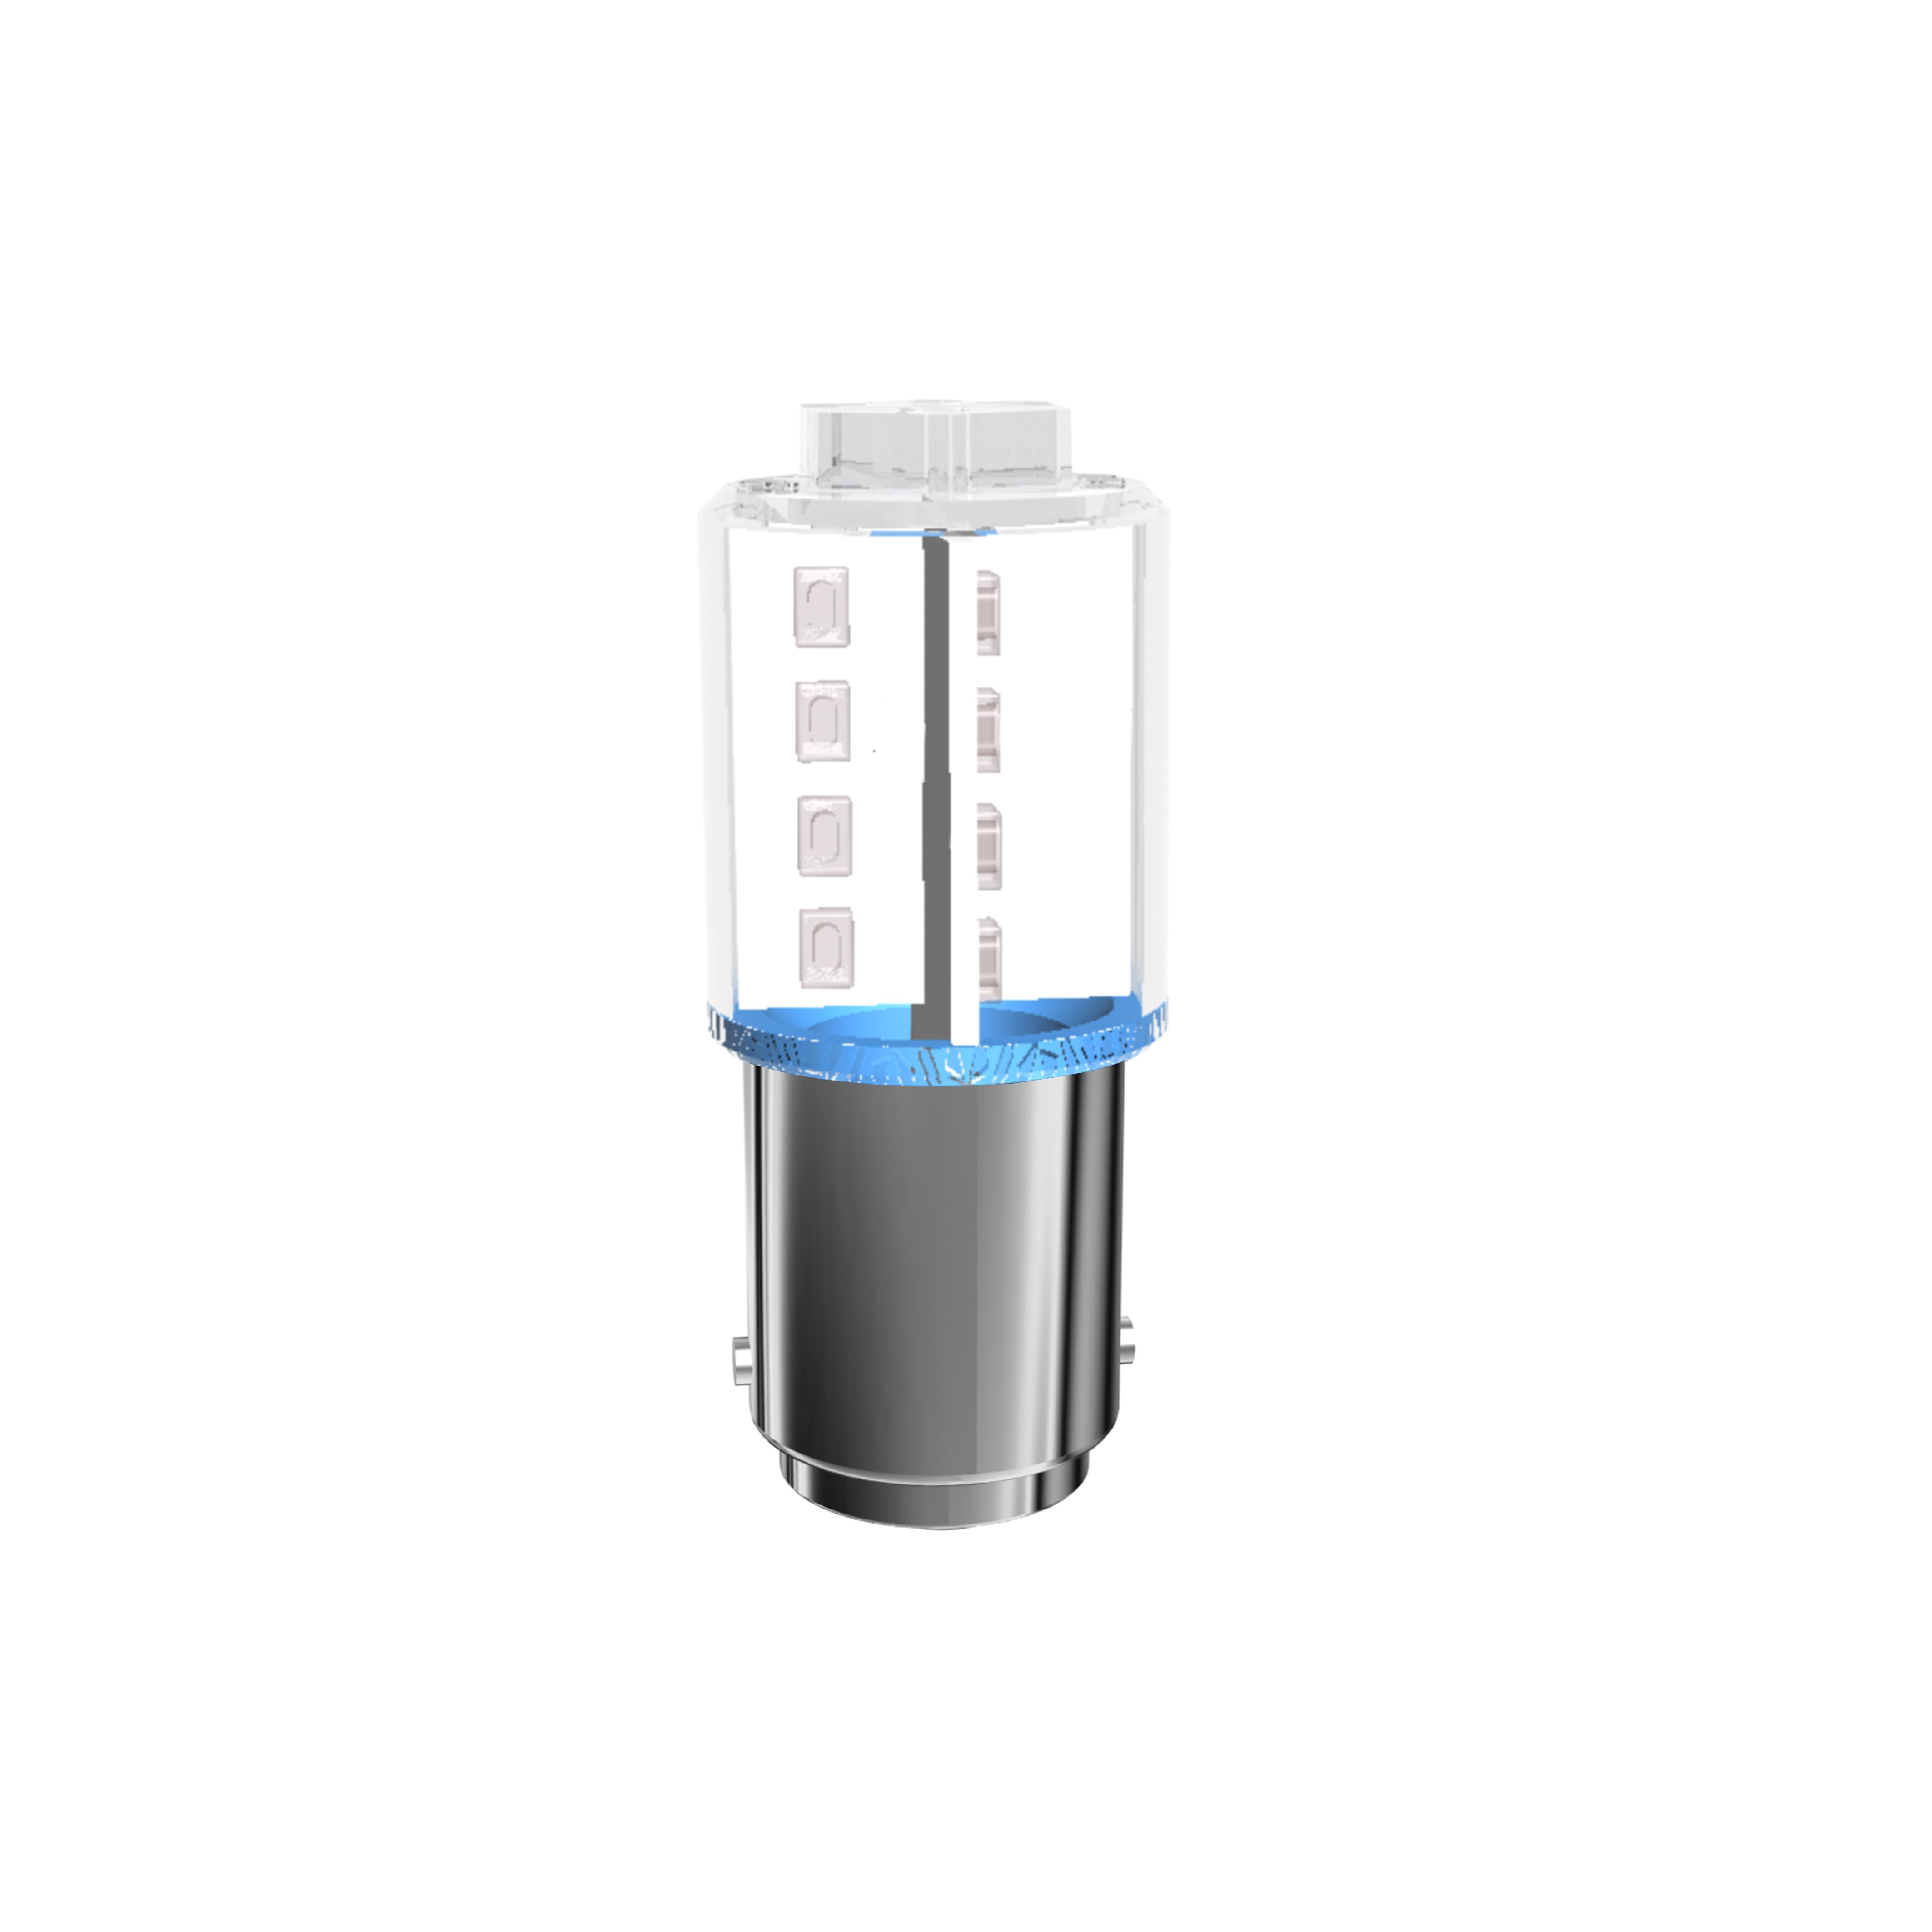 Notlicht LED-Lampe Sistar® II Sockel BA15d